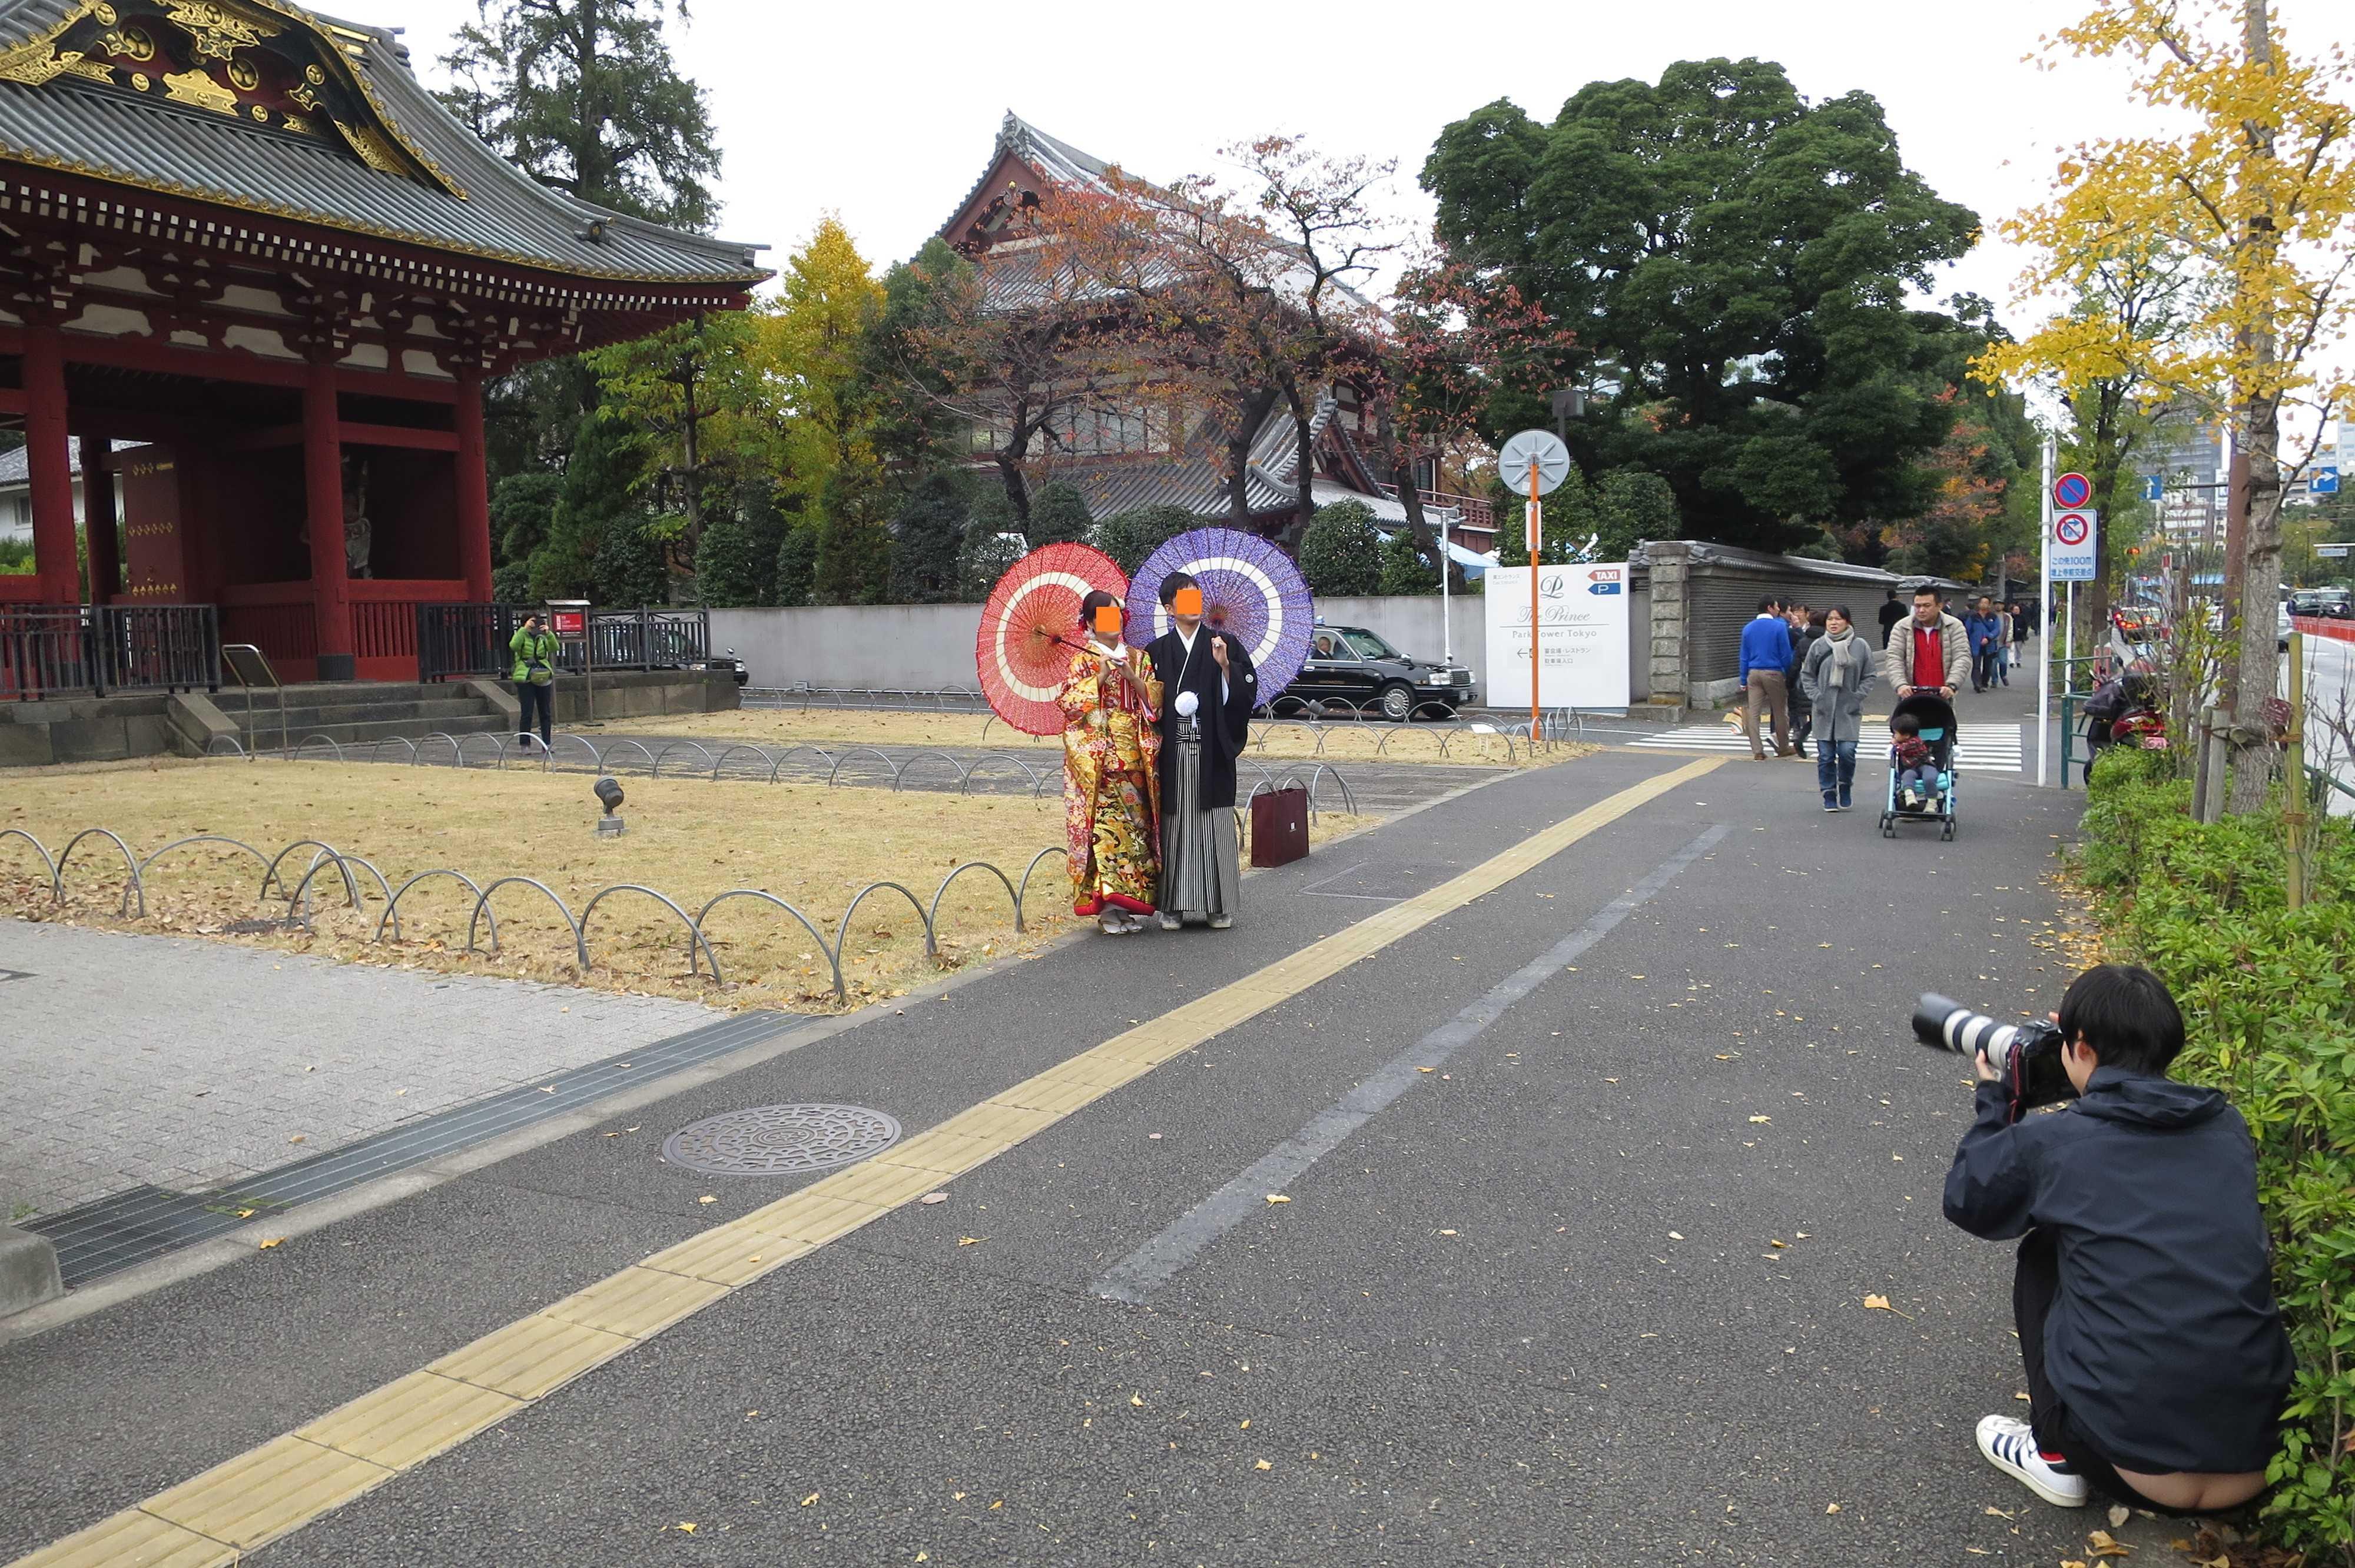 記念写真を撮る新婚さん - 増上寺